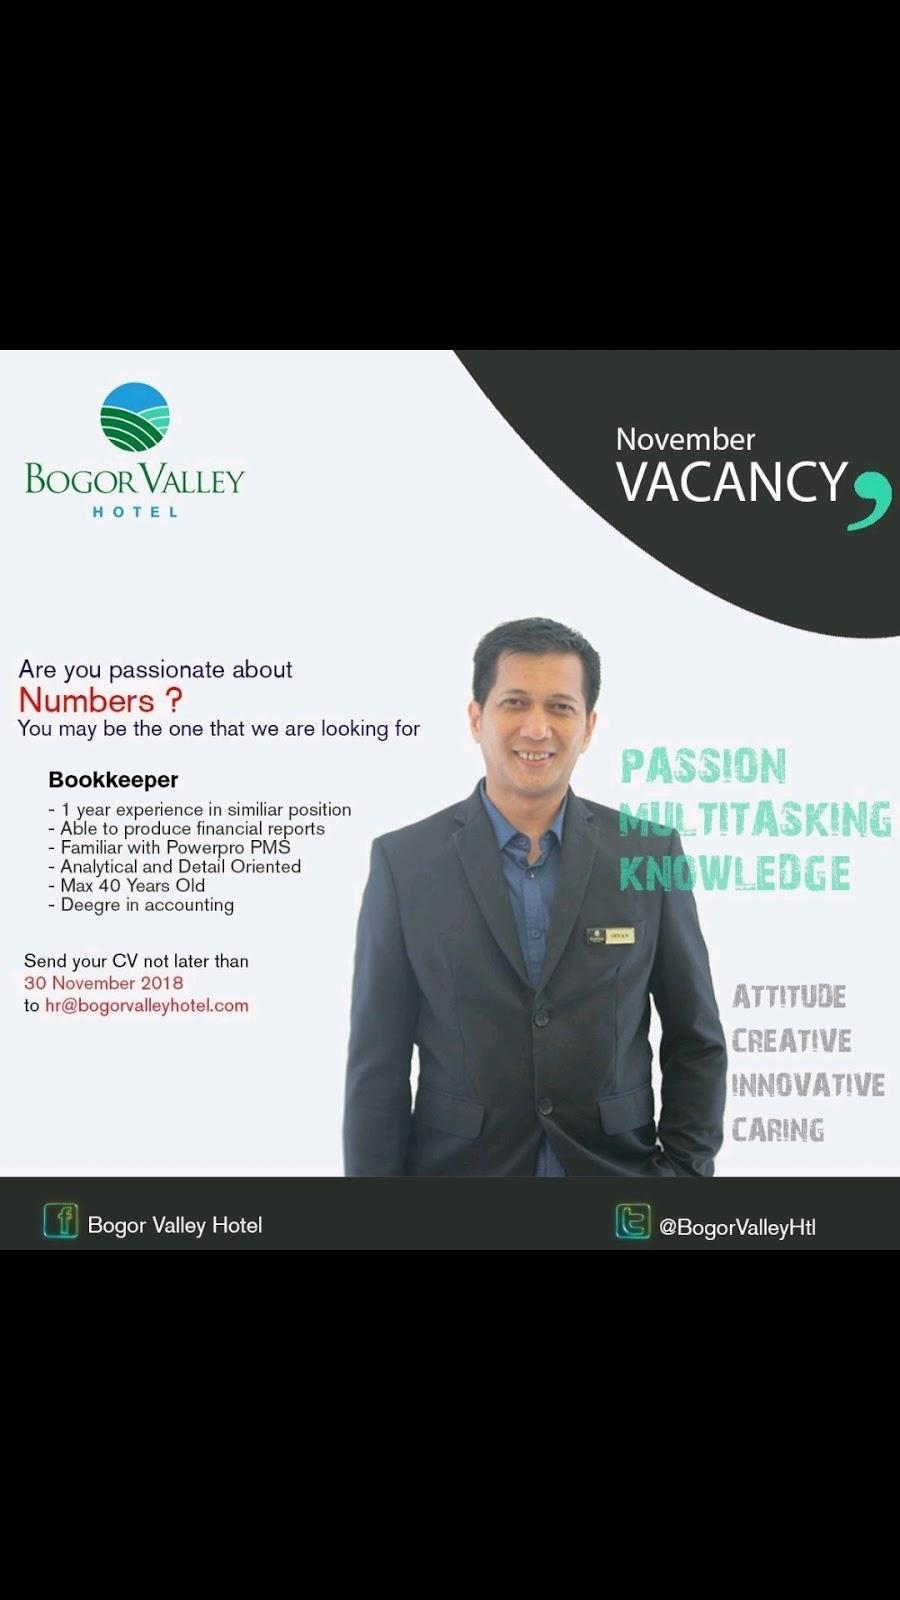 Lowongan Kerja Hotel Bogor Valley 1 Posisi Lowongan Kerja Hotel